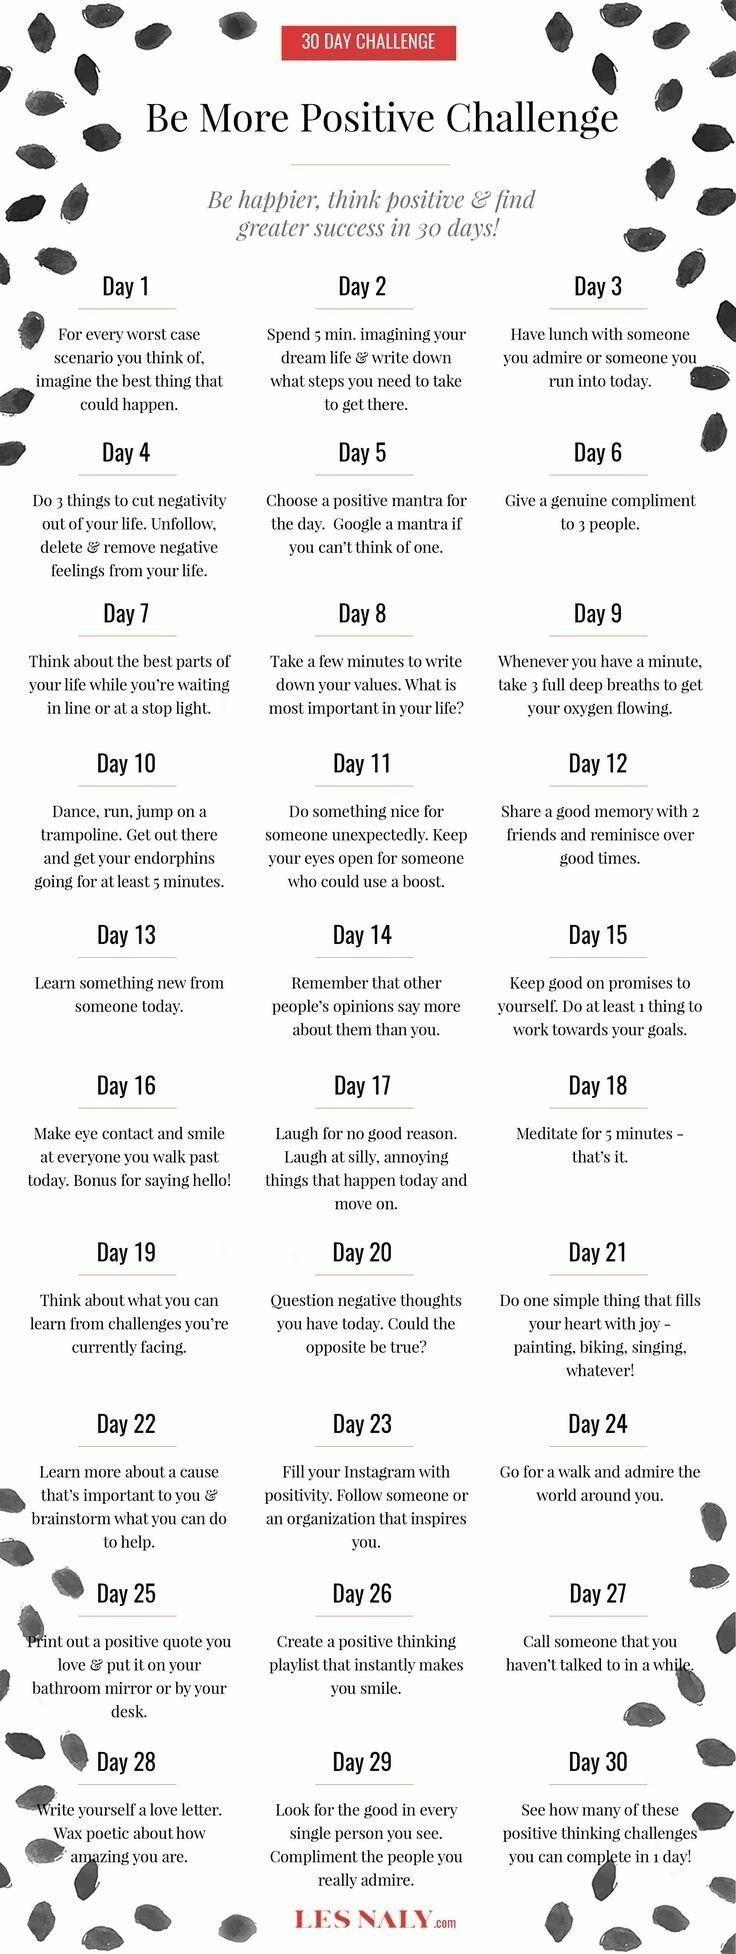 56 Listen, die Sie machen müssen, wenn Sie sich schlecht fühlen + Arbeitsmappe – #Arbeitsmappe #die #fühlen #Listen #machen #müssen #schlecht #sich #sie #wenn – ZizSera Drachenfuerst